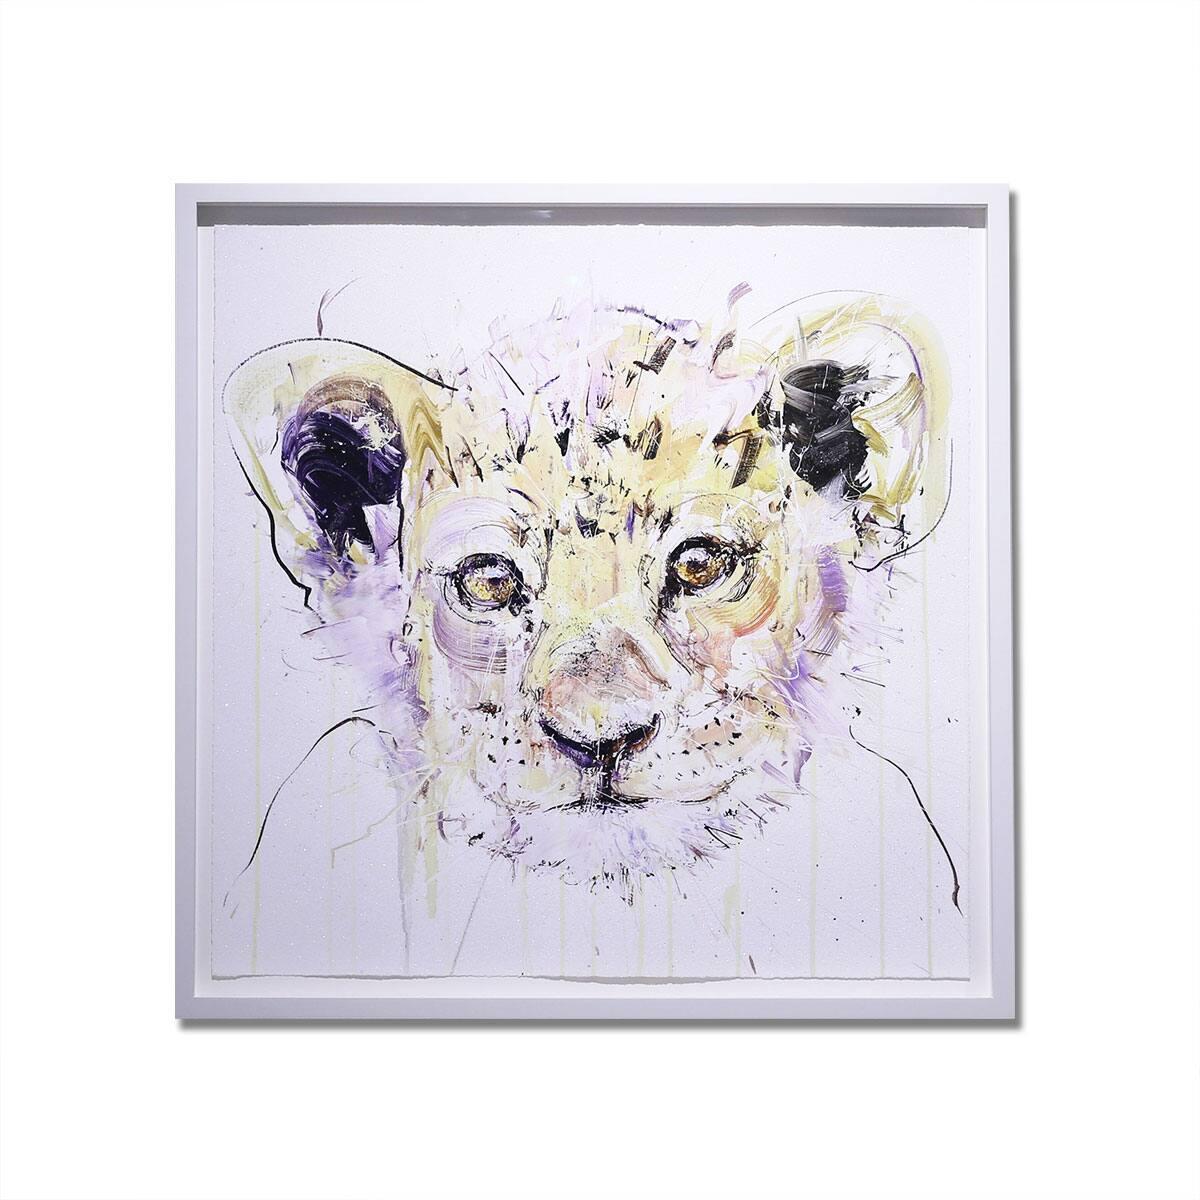 DAVE WHITE Lion Cub 2 19FW-I_photo_large